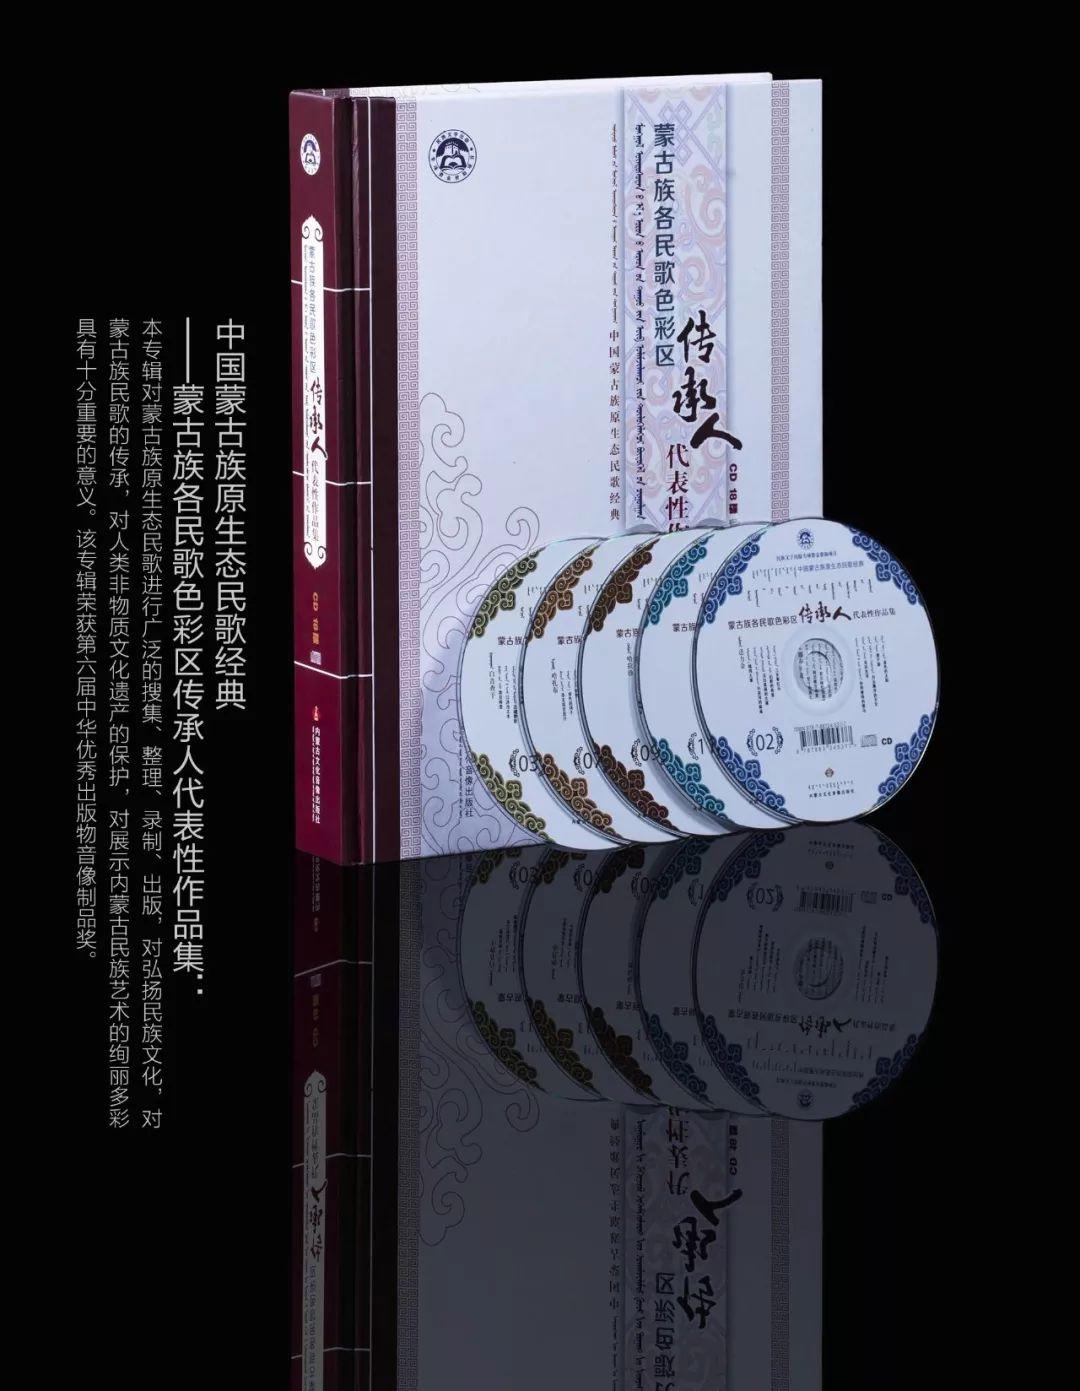 冬季蒙古音乐礼物,到底是什么? 第5张 冬季蒙古音乐礼物,到底是什么? 蒙古音乐